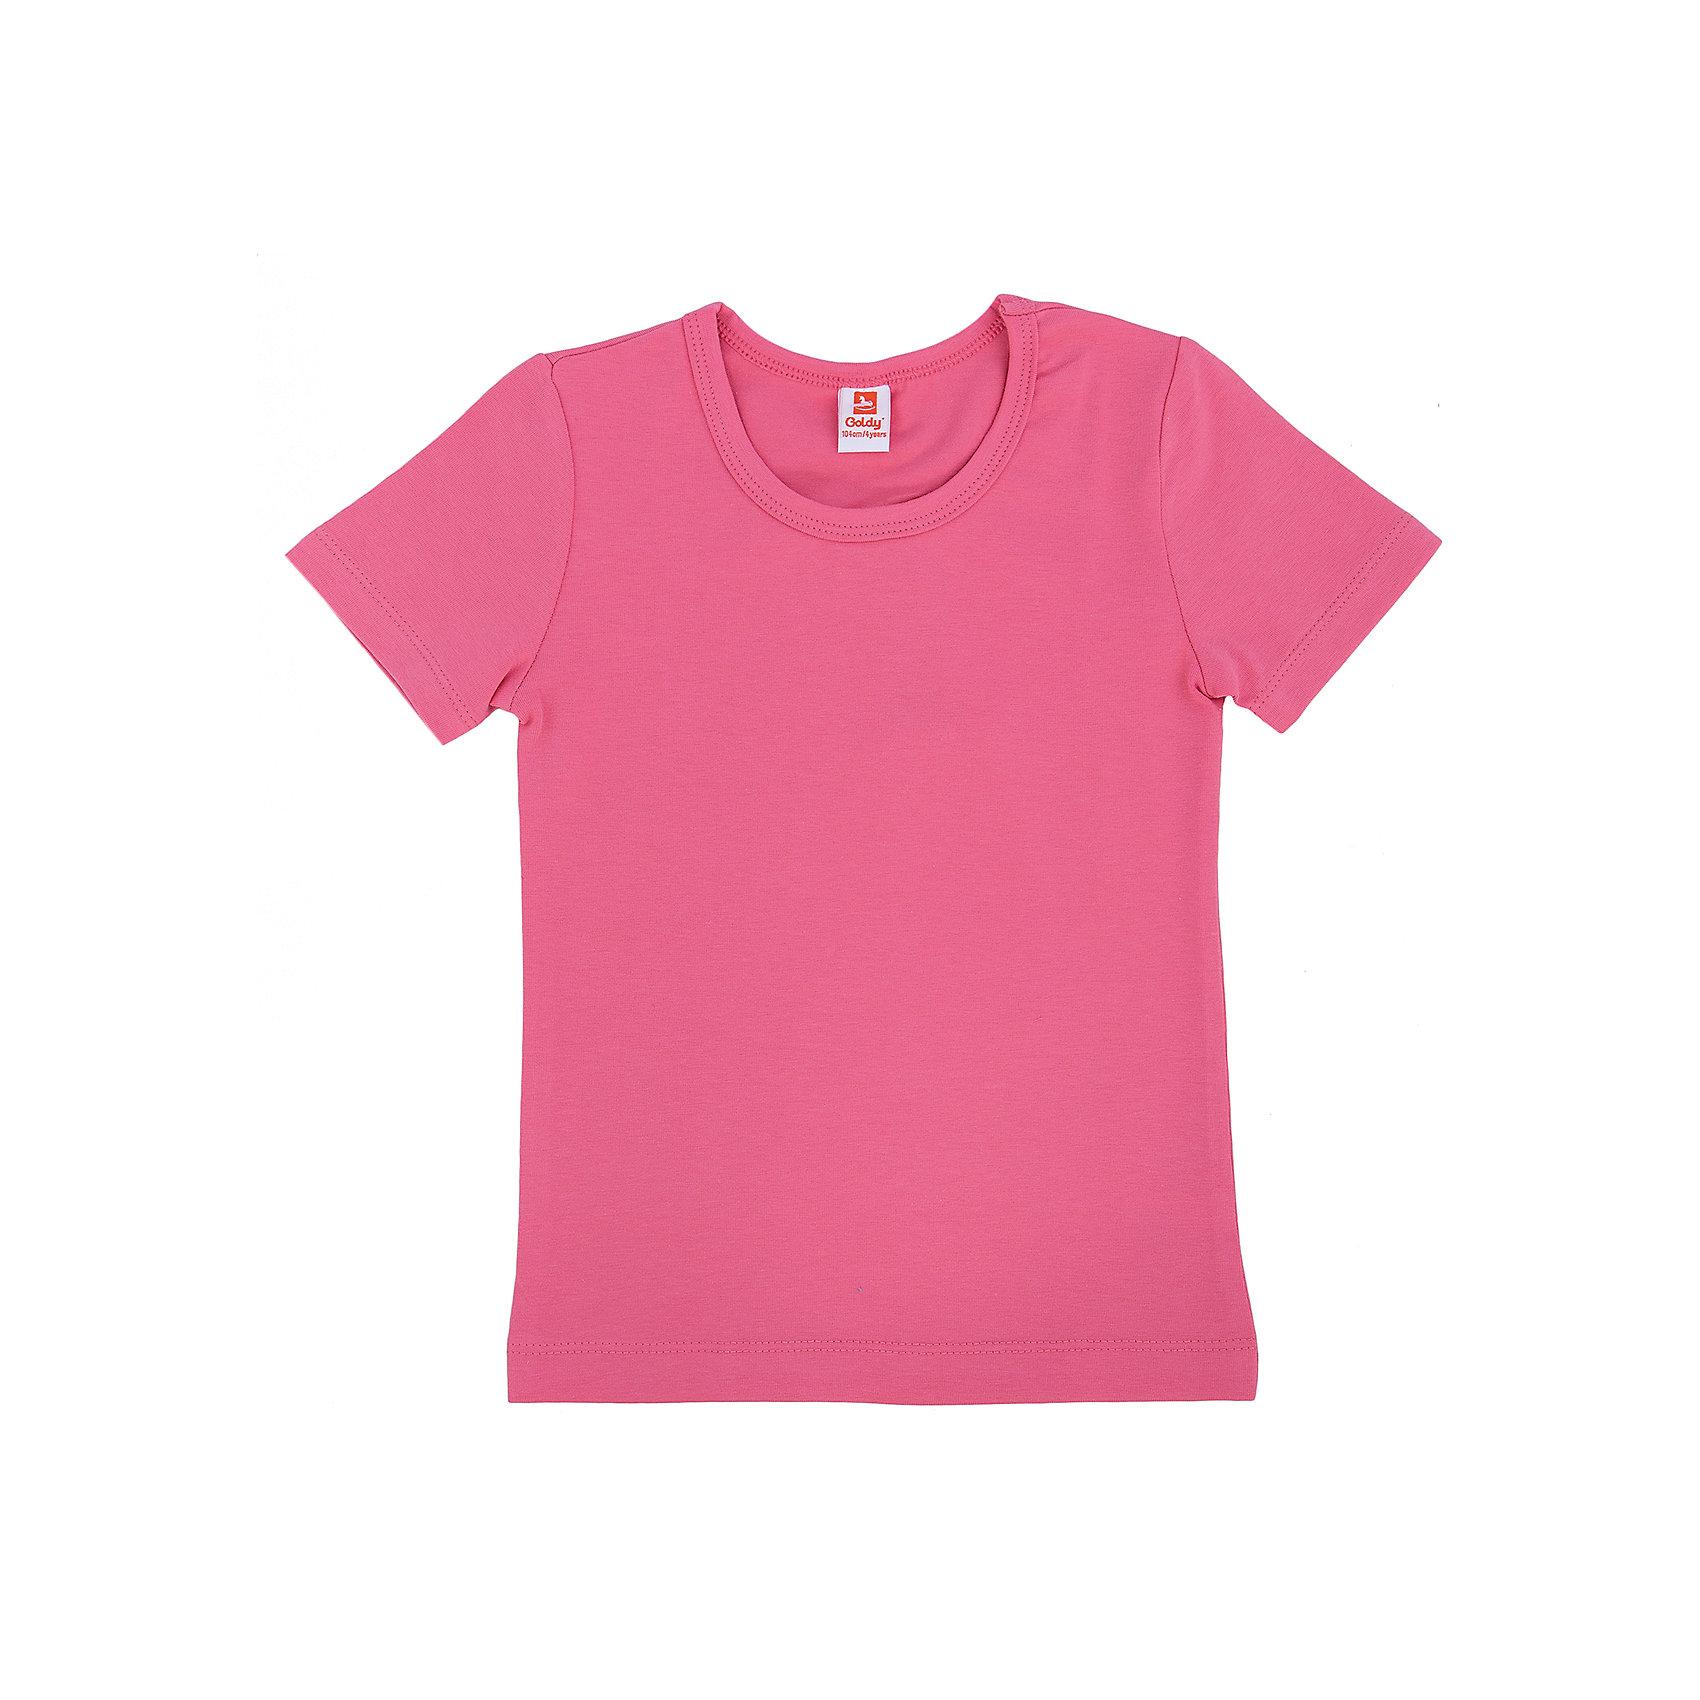 Футболка для девочки GoldyУдобная универсальная футболка для девочки поможет разнообразить гардероб, создать подходящий погоде ансамбль. Удобный крой и качественный материал обеспечат ребенку комфорт при ношении изделия. <br>Футболка смотрится аккуратно, хорошо сидит по фигуре. Яркий цвет делает ее акцентом в наряде. Материал - легкий, но прочный, отлично подходит для детской одежды, состоит преимущественно из дышащего натурального хлопка. Очень приятен на ощупь, не вызывает аллергии.<br><br>Дополнительная информация:<br><br>материал: хлопок 96%, эластан 4%;<br>цвет: розовый;<br>круглый горловой вырез;<br>короткие рукава.<br><br>Футболку для девочки от бренда Goldy (Голди) можно купить в нашем магазине.<br><br>Ширина мм: 199<br>Глубина мм: 10<br>Высота мм: 161<br>Вес г: 151<br>Цвет: розовый<br>Возраст от месяцев: 36<br>Возраст до месяцев: 48<br>Пол: Женский<br>Возраст: Детский<br>Размер: 92,122,116,110,104,98<br>SKU: 4793735